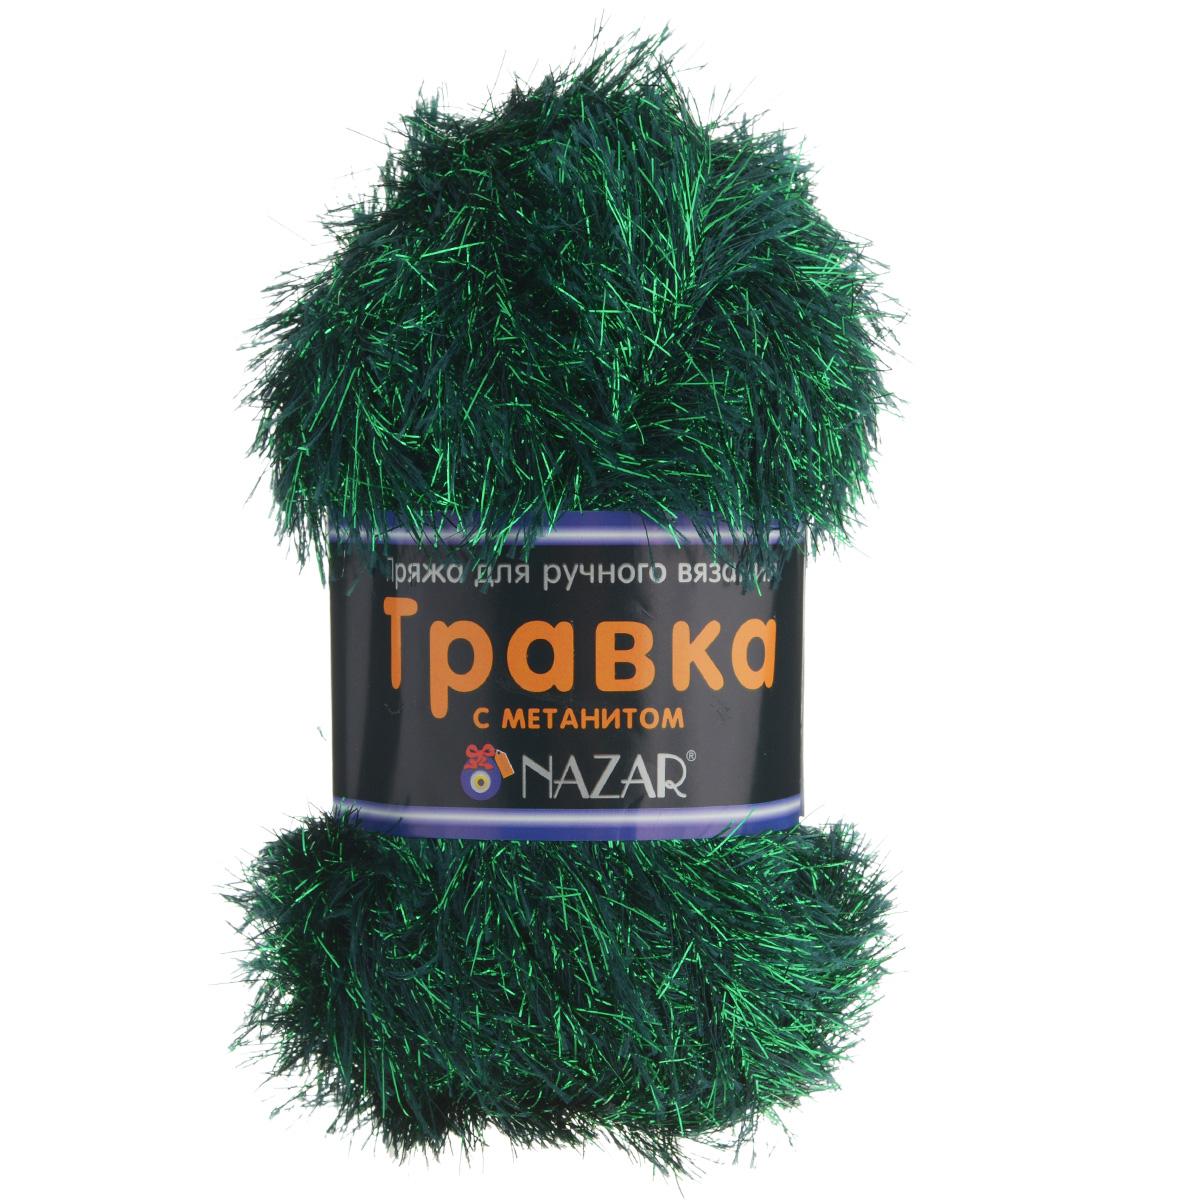 Пряжа для вязания Nazar Травка с метанитом, цвет: зеленый (ML88), 115 м, 100 г, 5 шт349021_ML88Пряжа для вязания Nazar Травка с метанитом изготовлена из 90% полиэстера, 10% метанита. Это - пряжа с ворсом. Изделия выглядят как меховые, а добавление метанита придает блеск. Полотно выглядит пушистым с обеих сторон. Пряжа используется для отделки изделий, создания игрушек, а также хороша для новогодних костюмов и в качестве мишуры. Подходит для вязания на спицах и крючках 4 мм. Состав: 90% полиэстер, 10% метанит. Комплектация: 5 шт. Толщина нити: 1,5 мм.